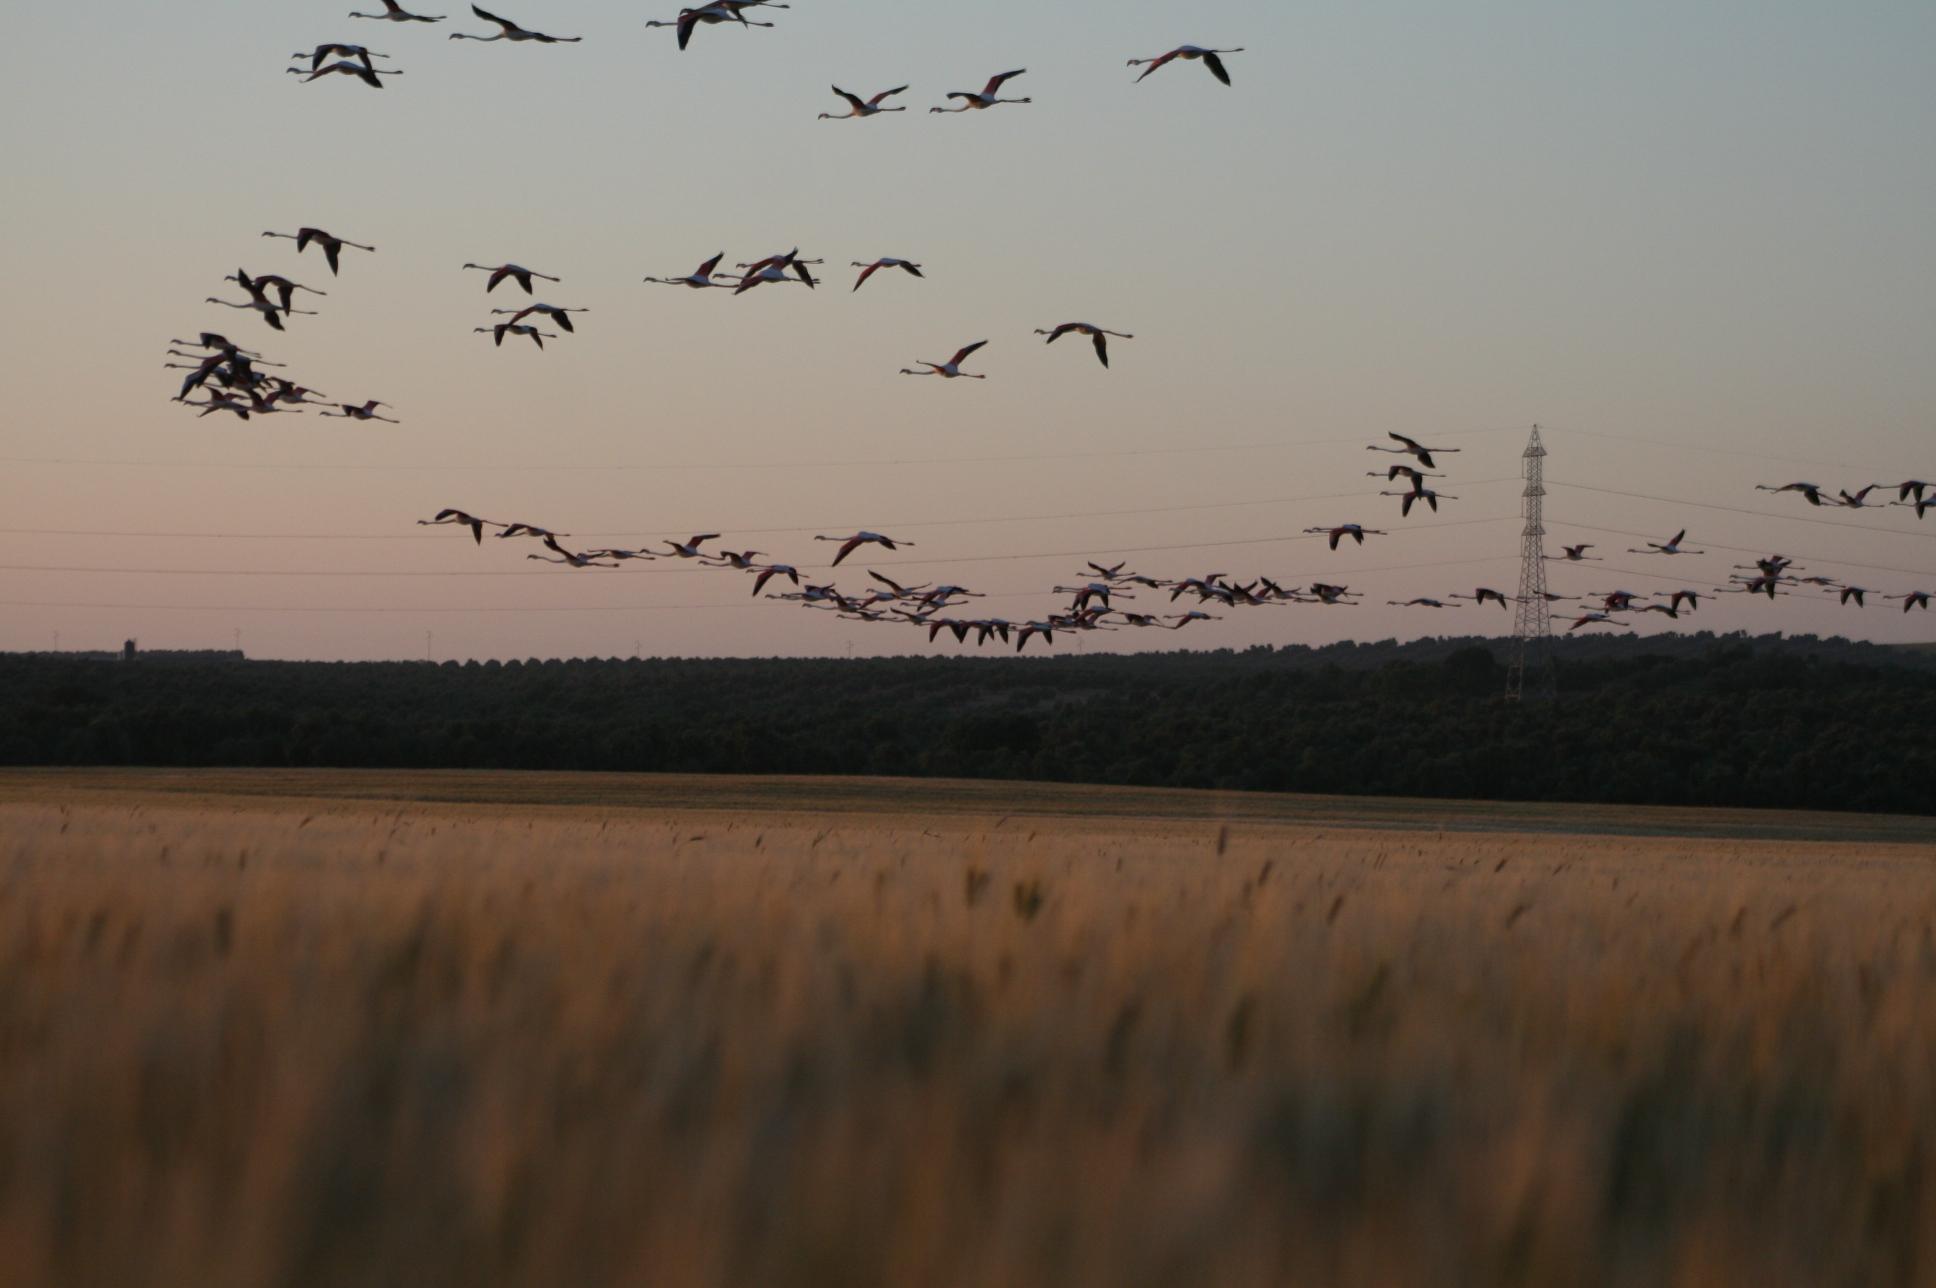 Patentan un dron biomimético para luchar contra las plagas aviares